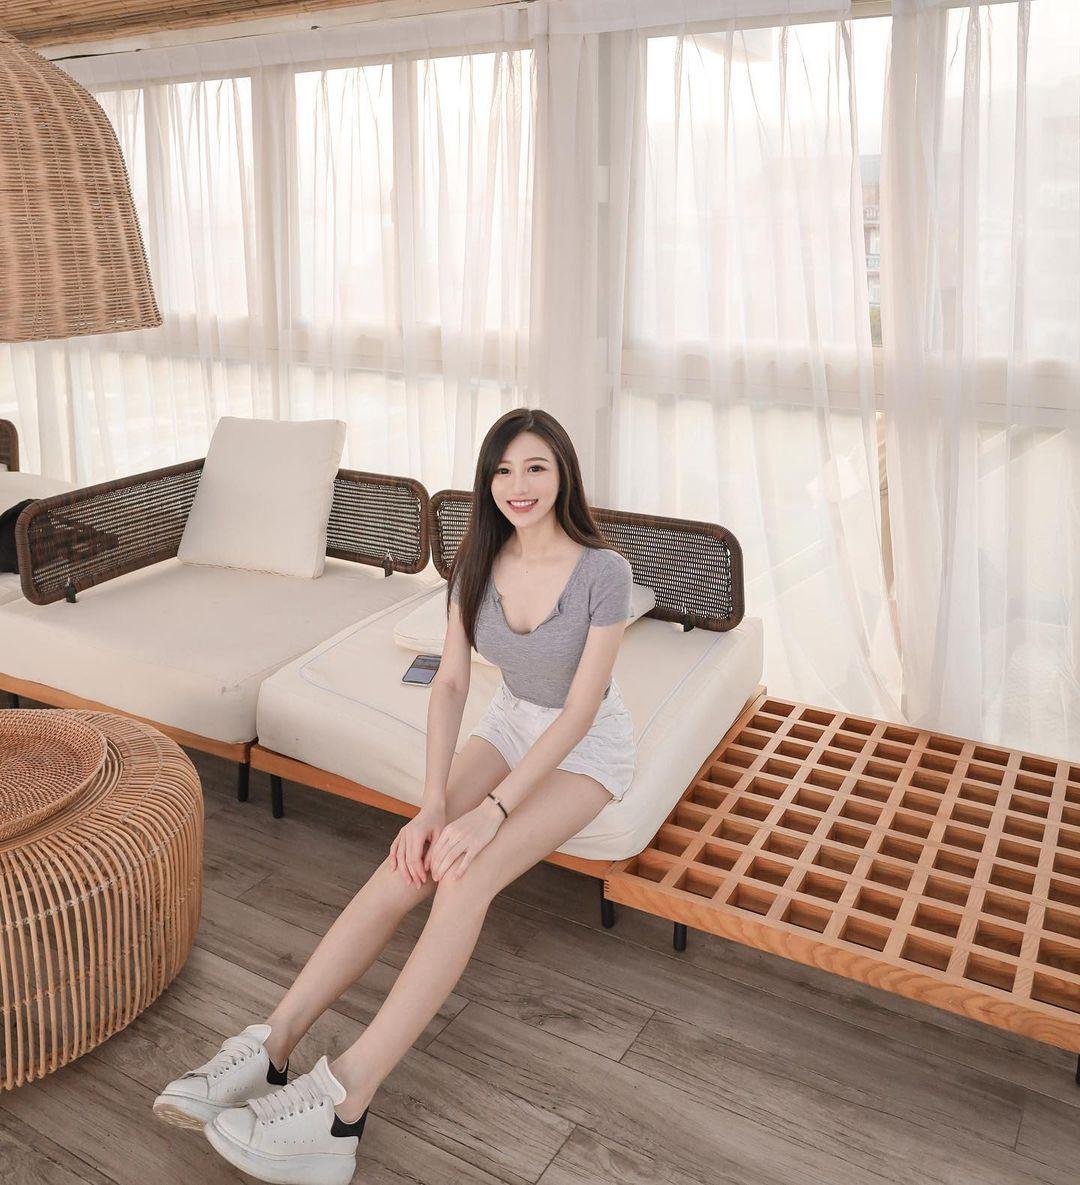 美女主播@Sunny亮亮性感黑色礼服波涛汹涌 养眼图片 第5张